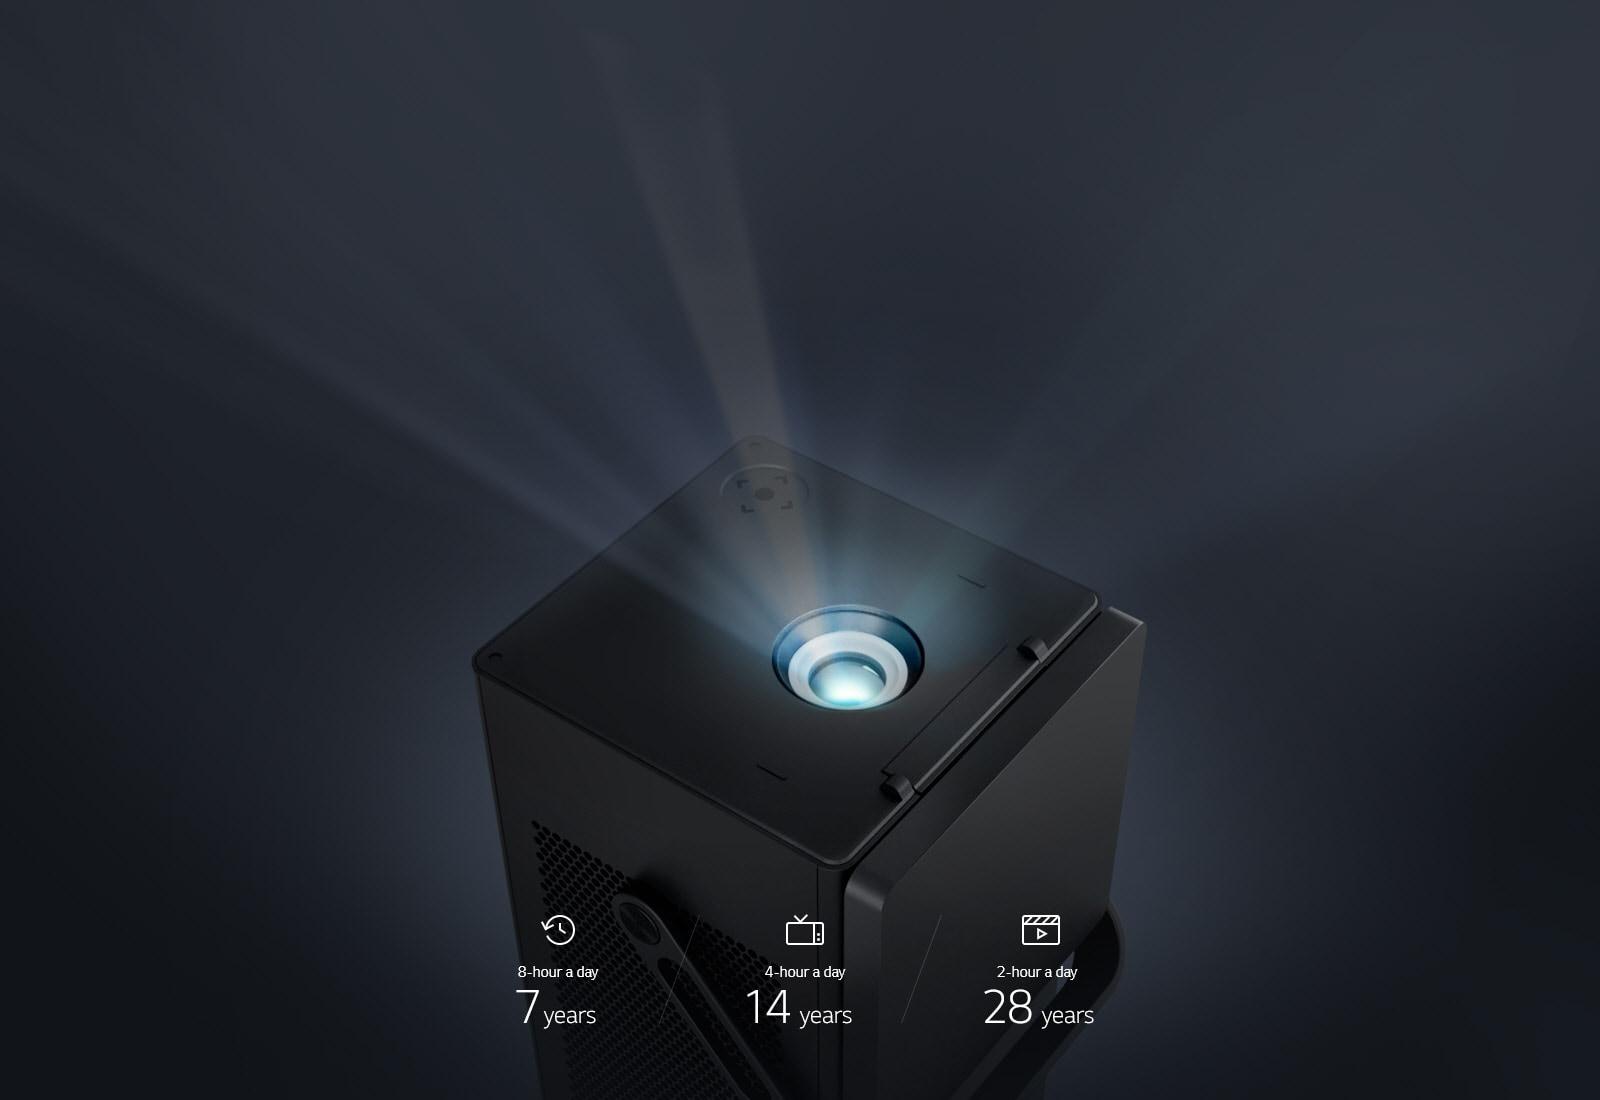 Global_HU80KG_2018_Feature_04_LaserProjector_D